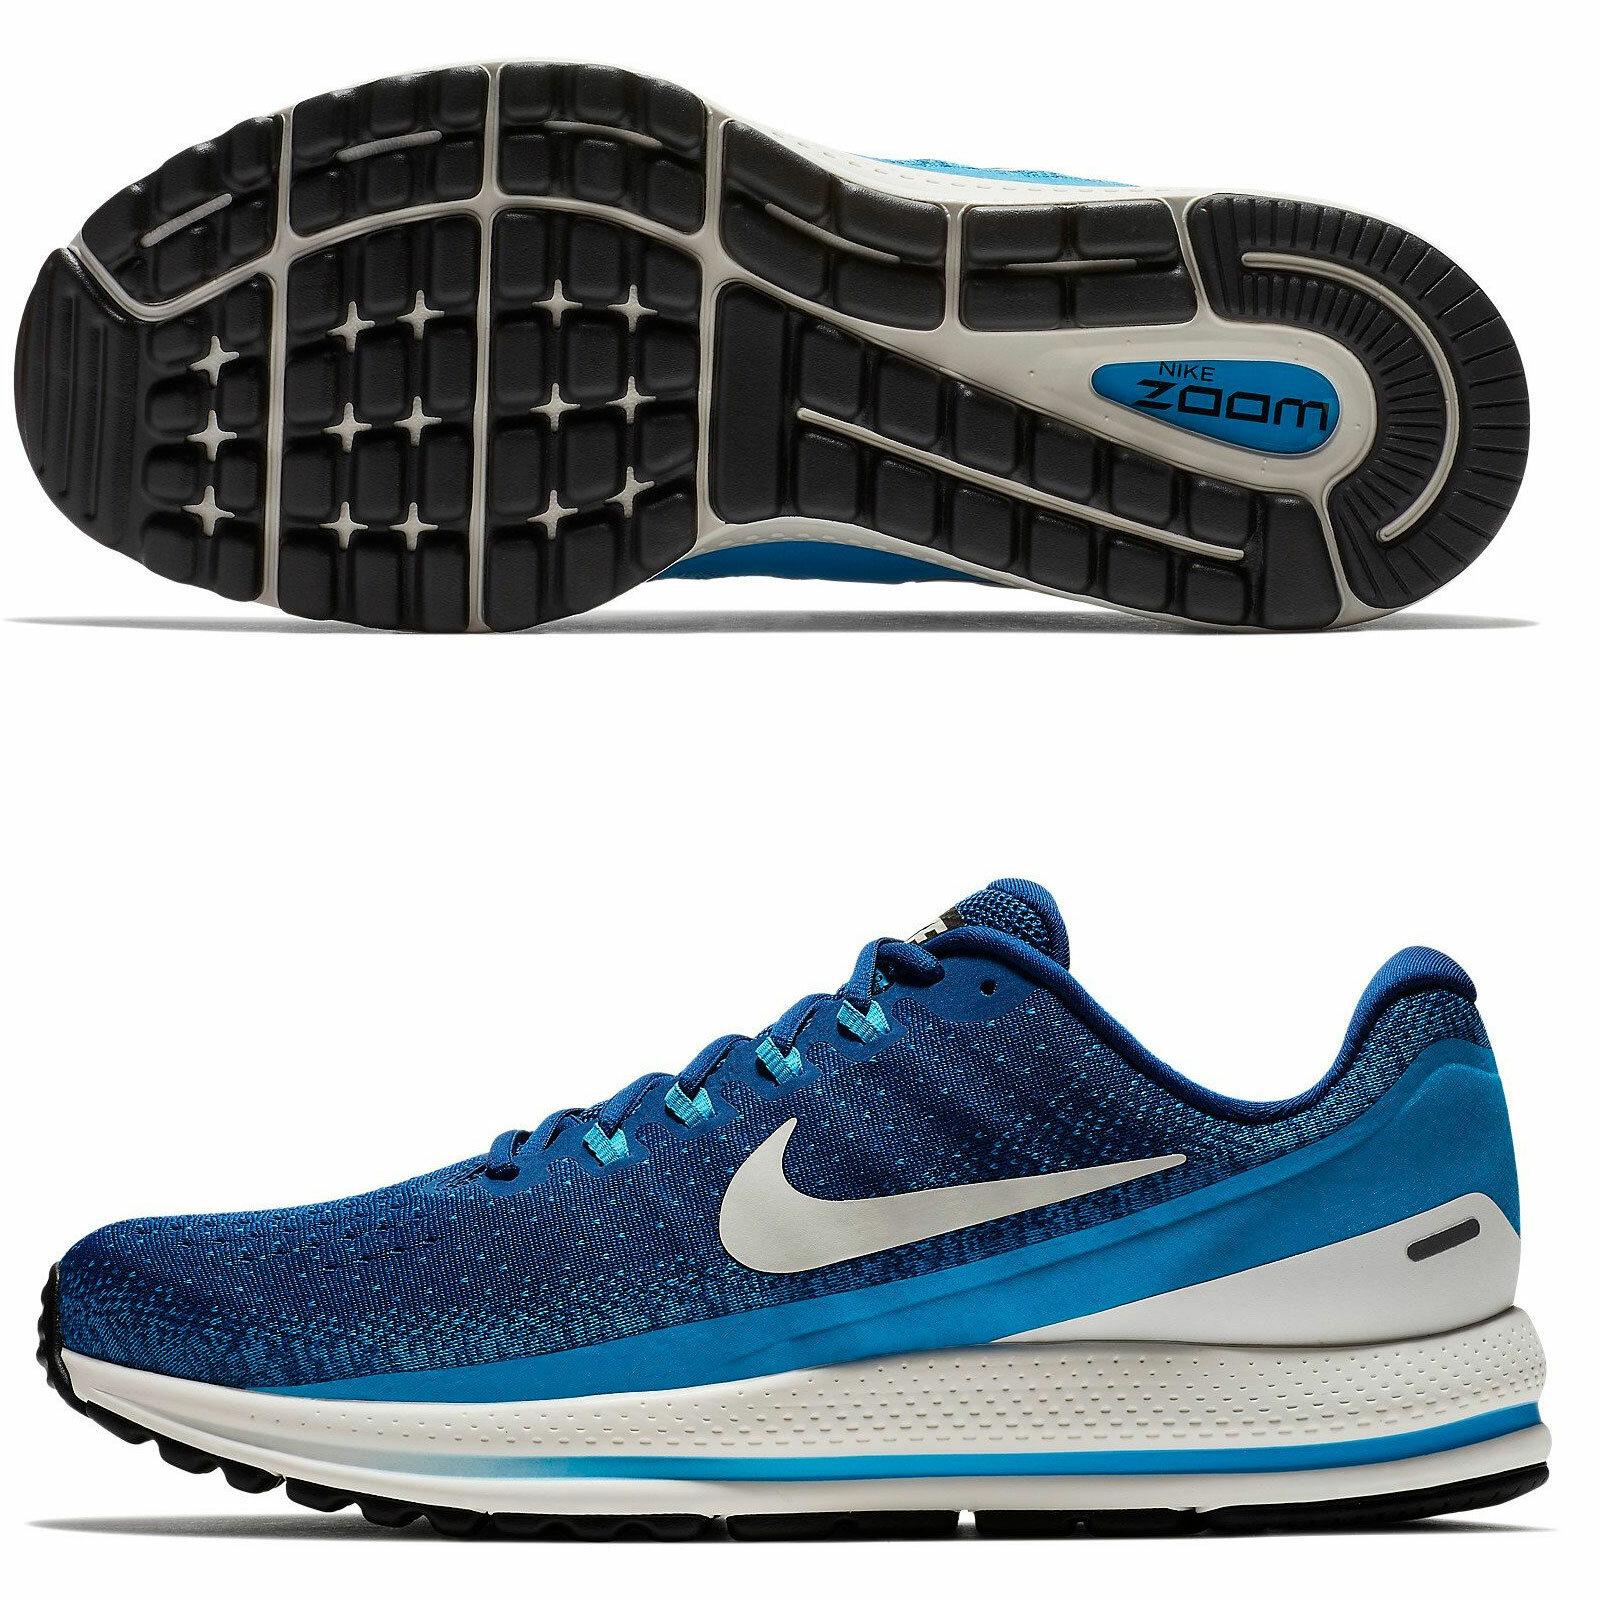 b6279514492d Кроссовки Nike Vomero купить в интернет магазине 👍